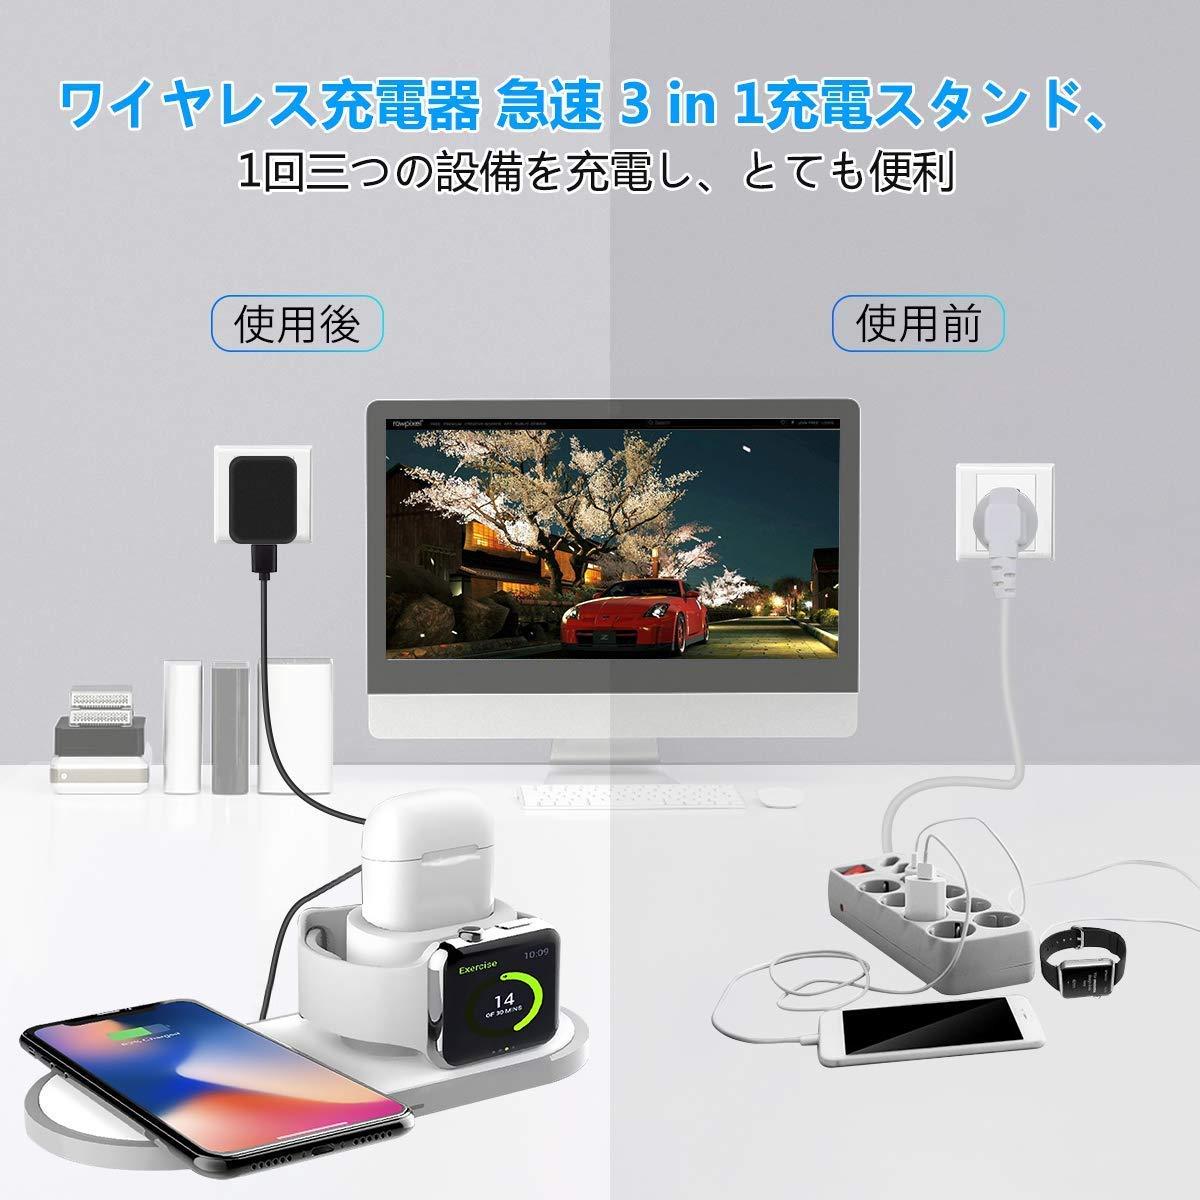 2019最新アップグレード版 3 in 1 ワイヤレス充電器